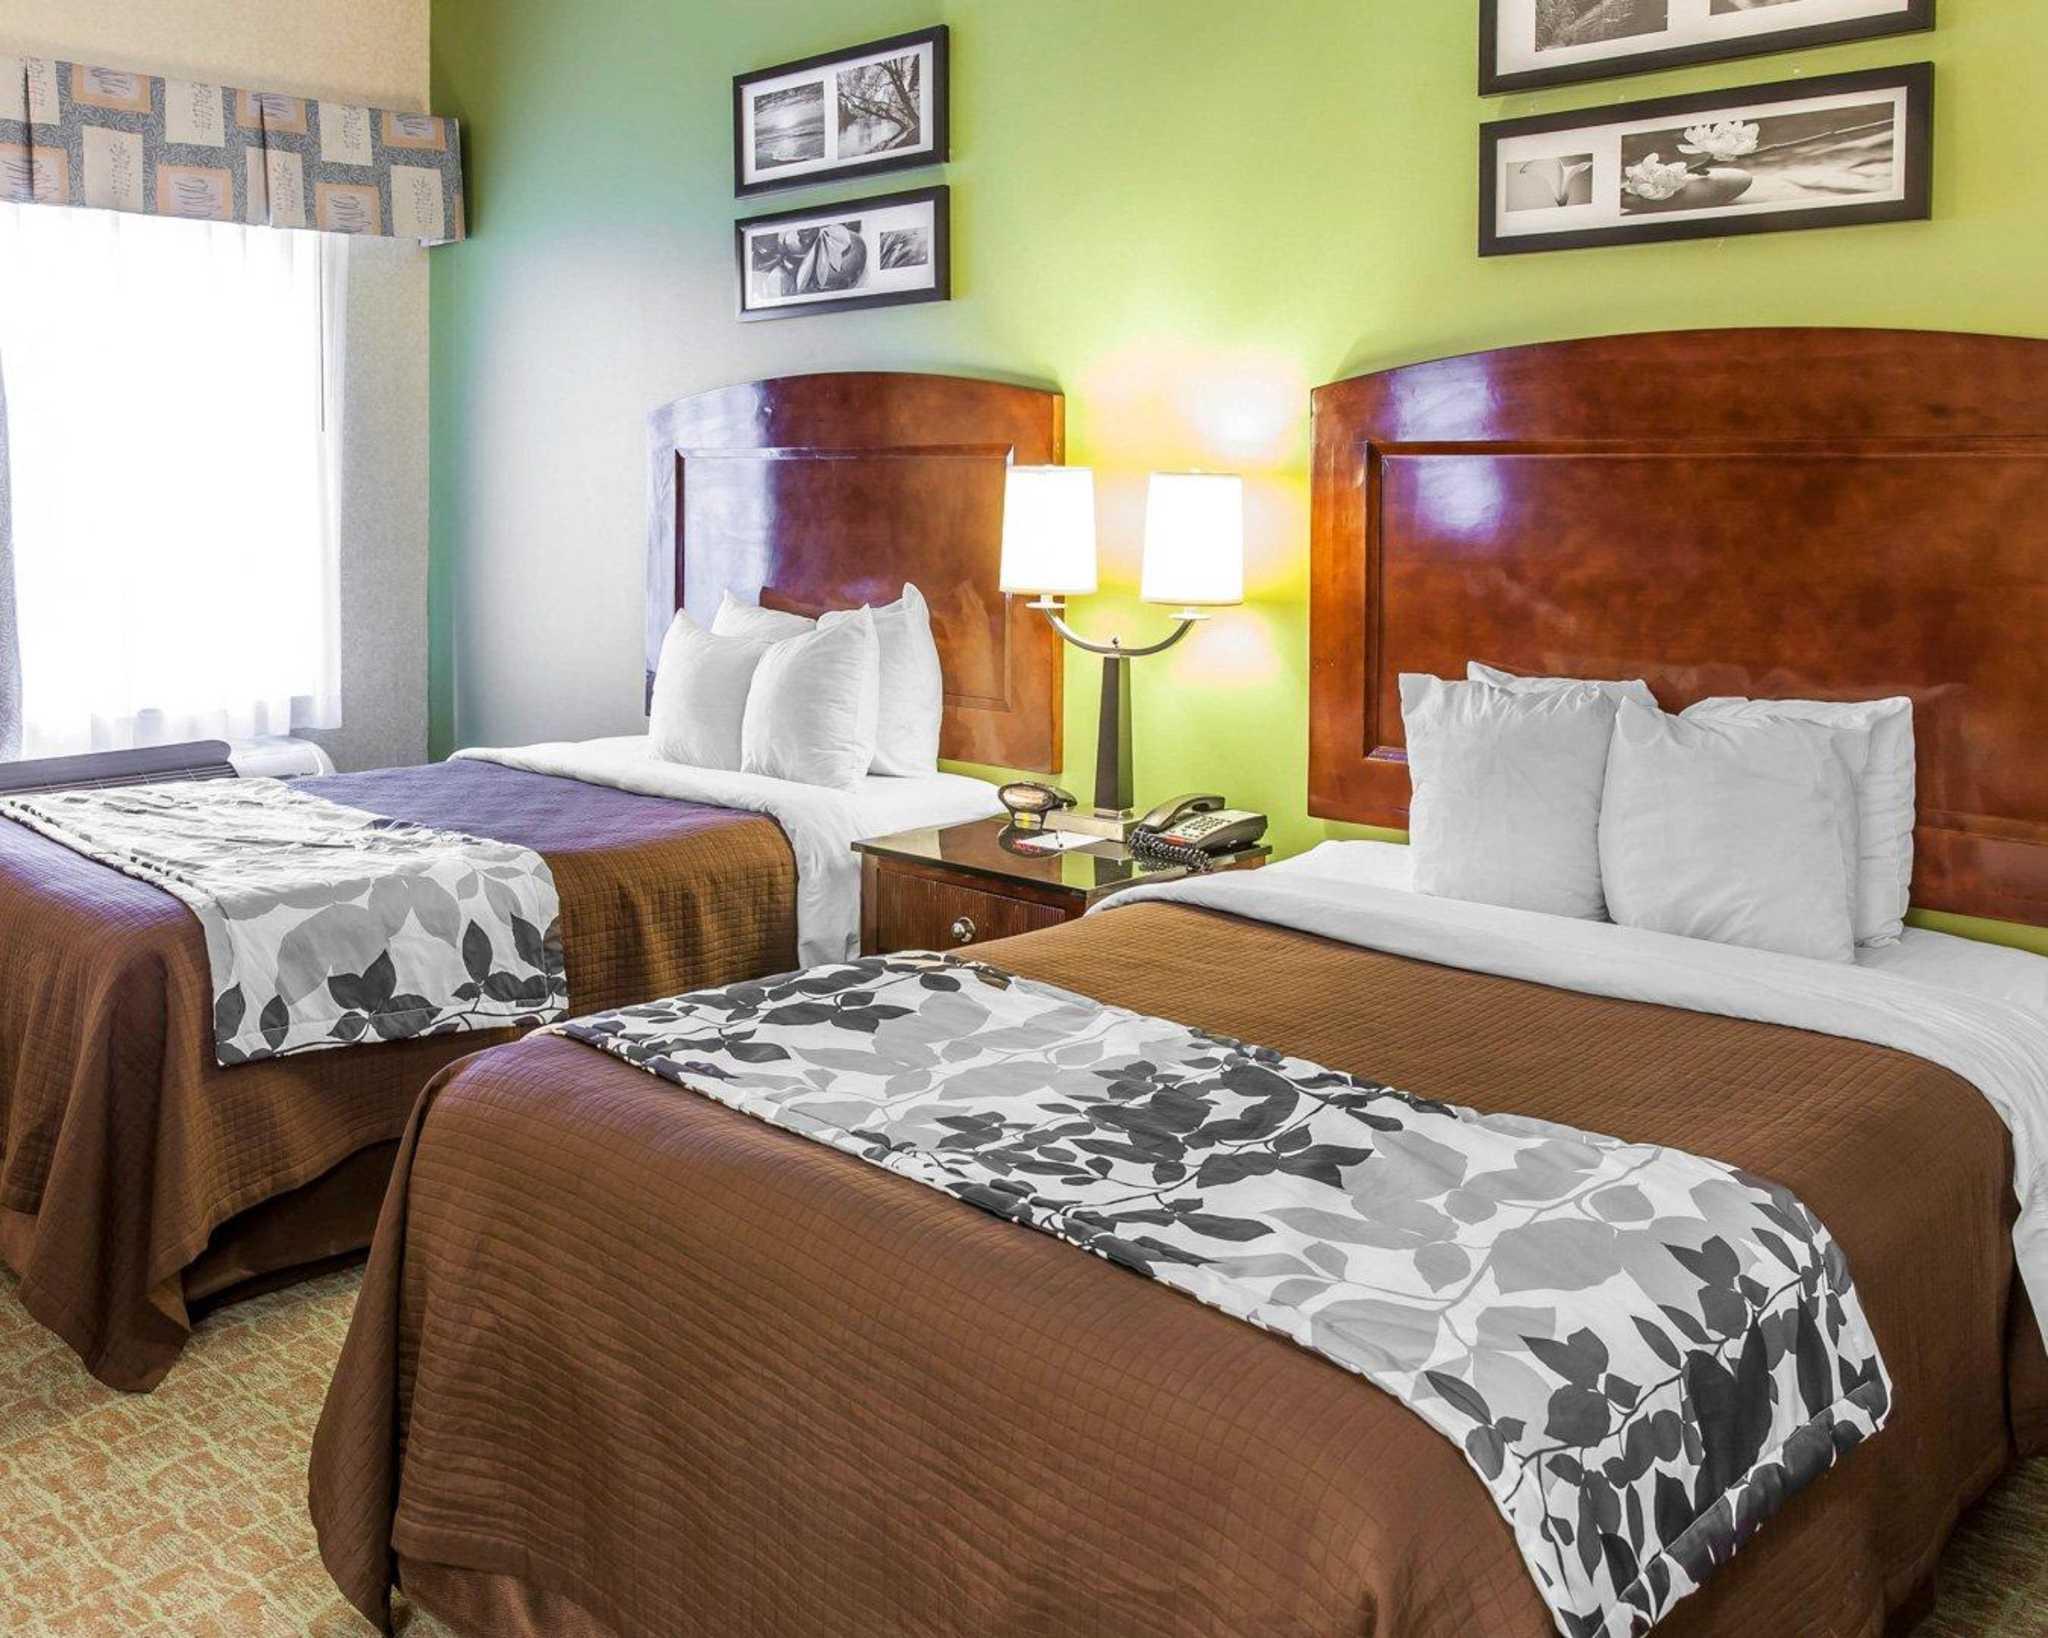 Sleep Inn & Suites Upper Marlboro near Andrews AFB image 14